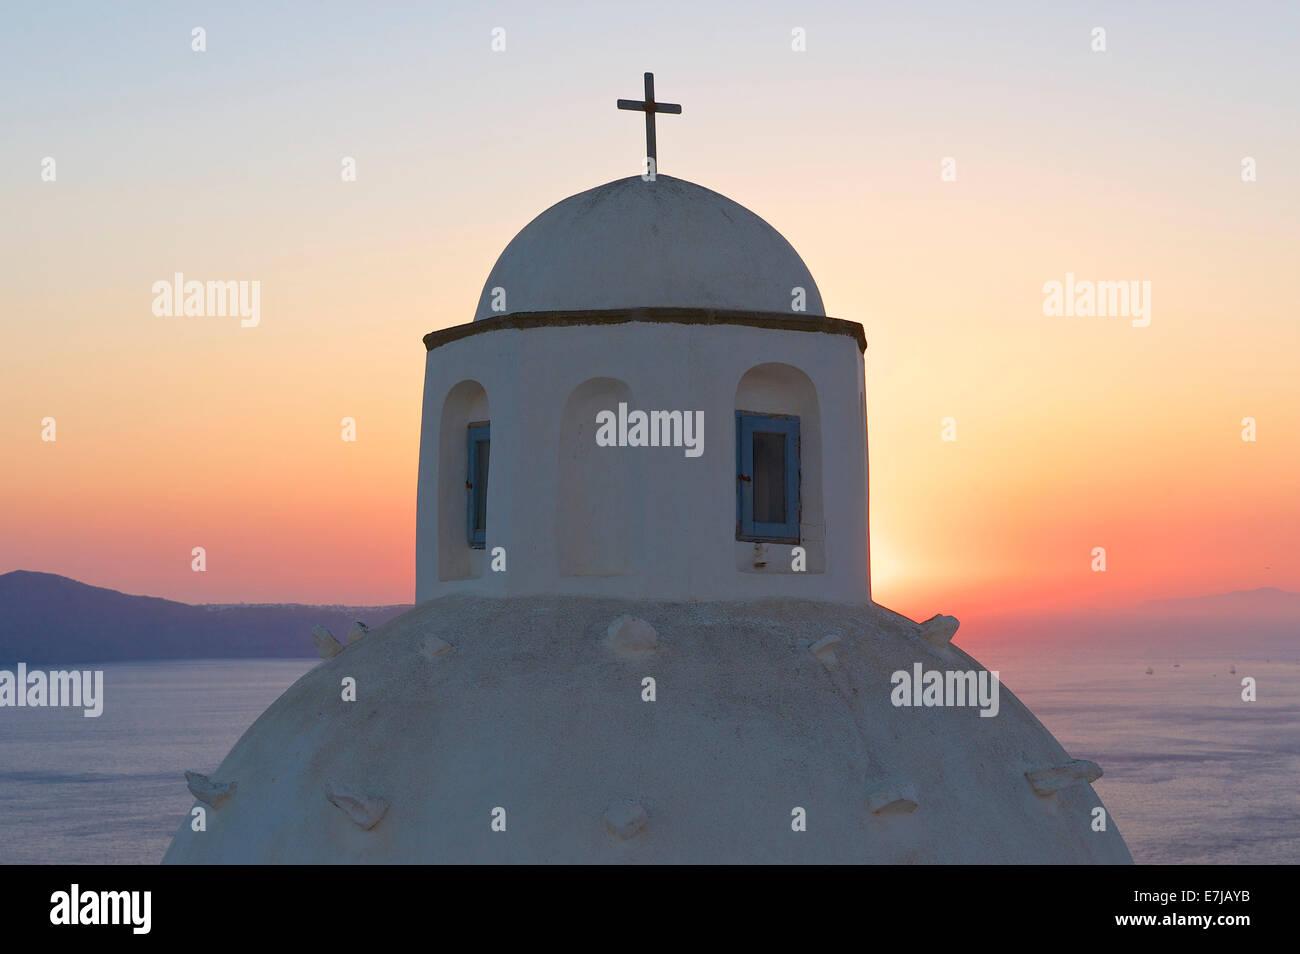 Dôme de l'église au coucher du soleil, Thira, Santorin, Cyclades, Grèce Photo Stock